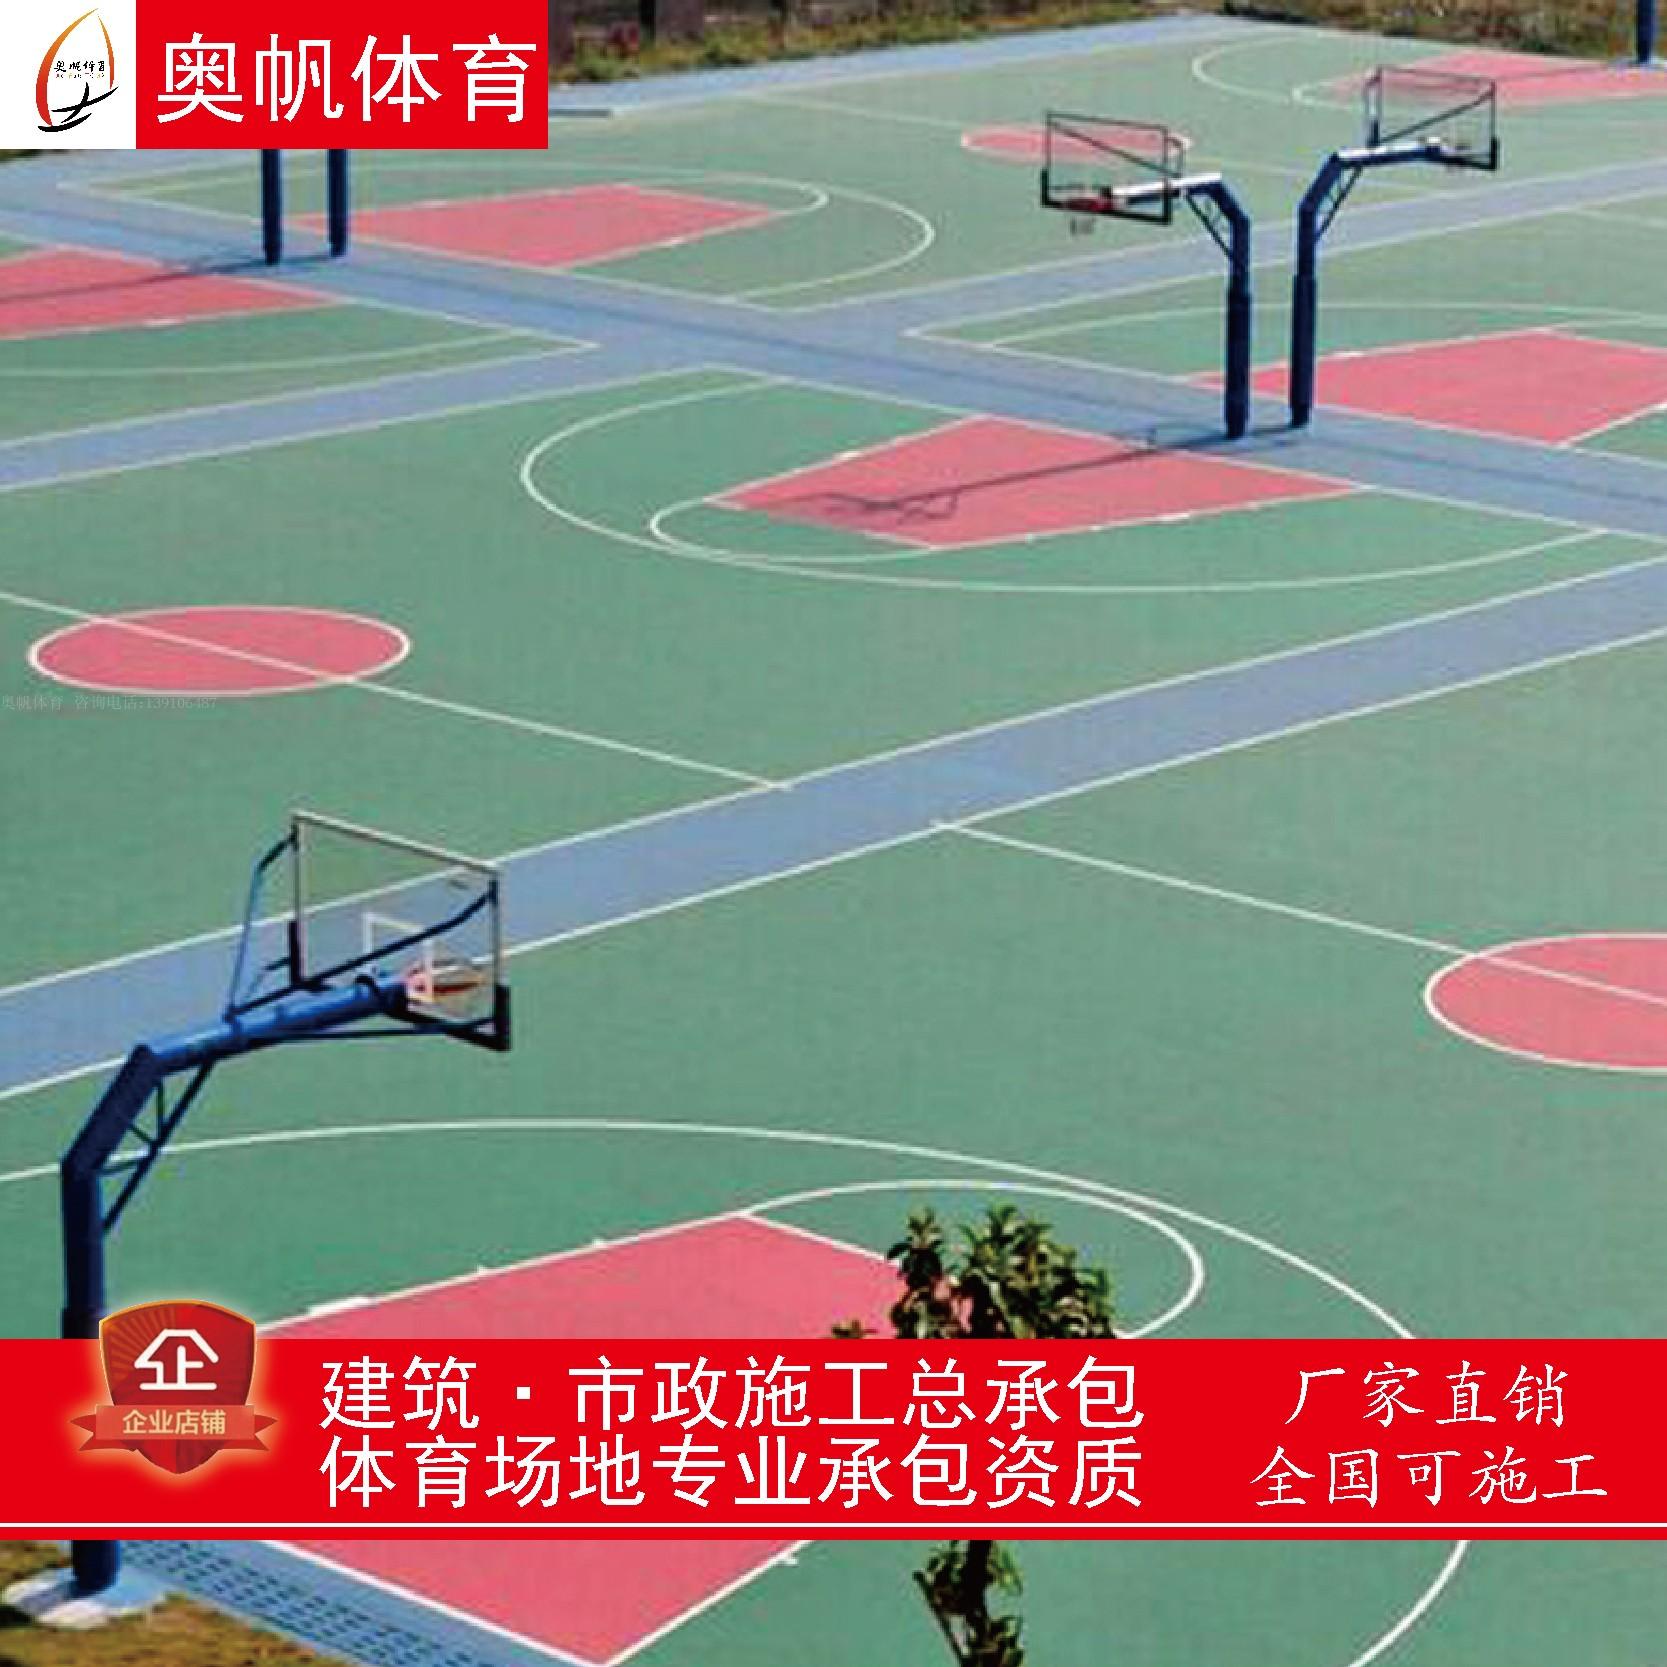 球场材料硅PU球场室内外篮球场网球场羽毛球地面塑胶地板全国施工